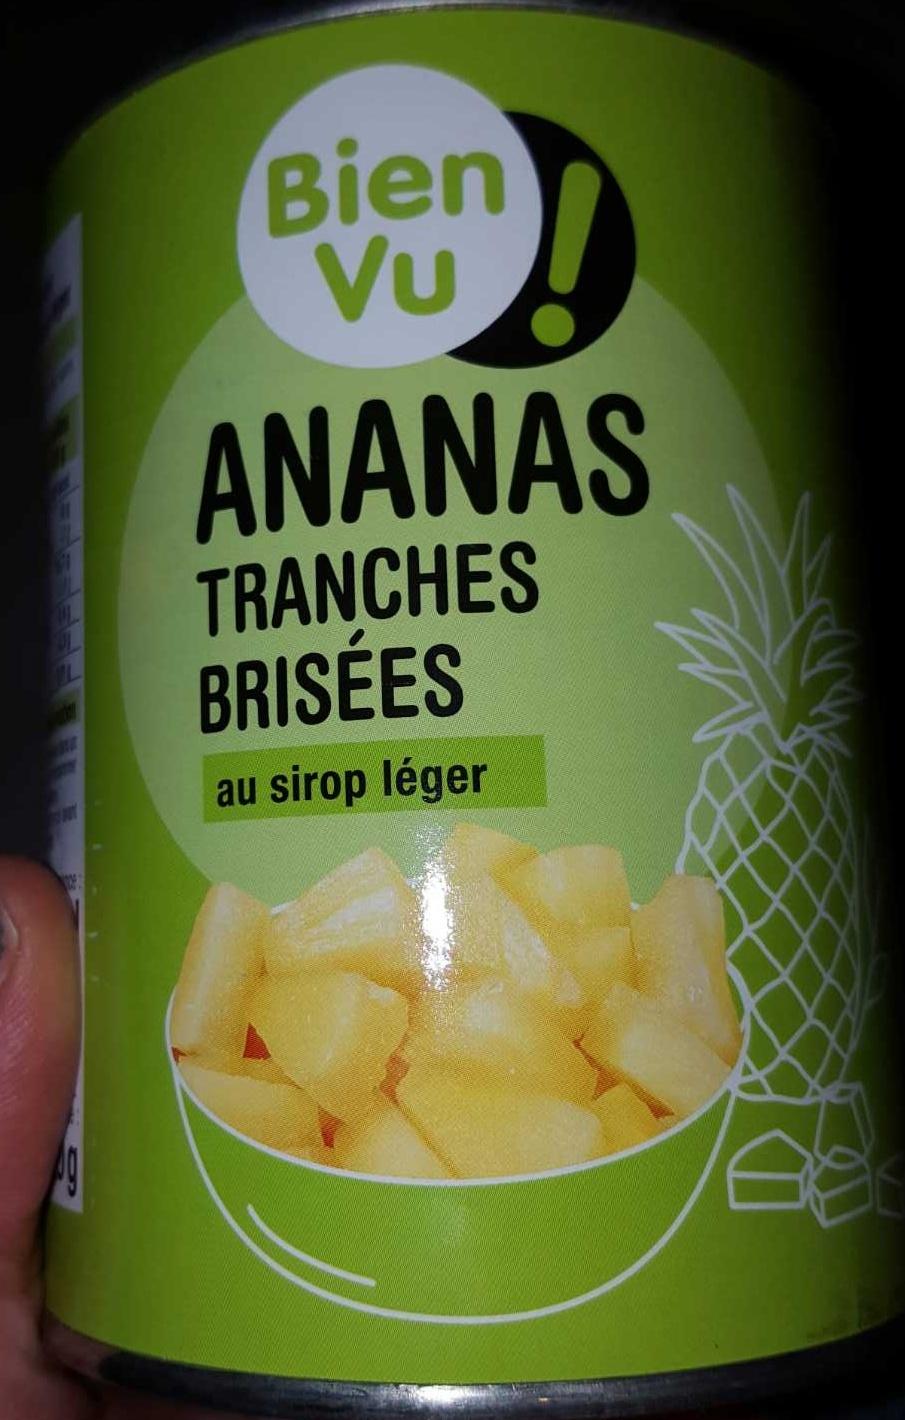 Ananas tranches brisées - Produit - fr